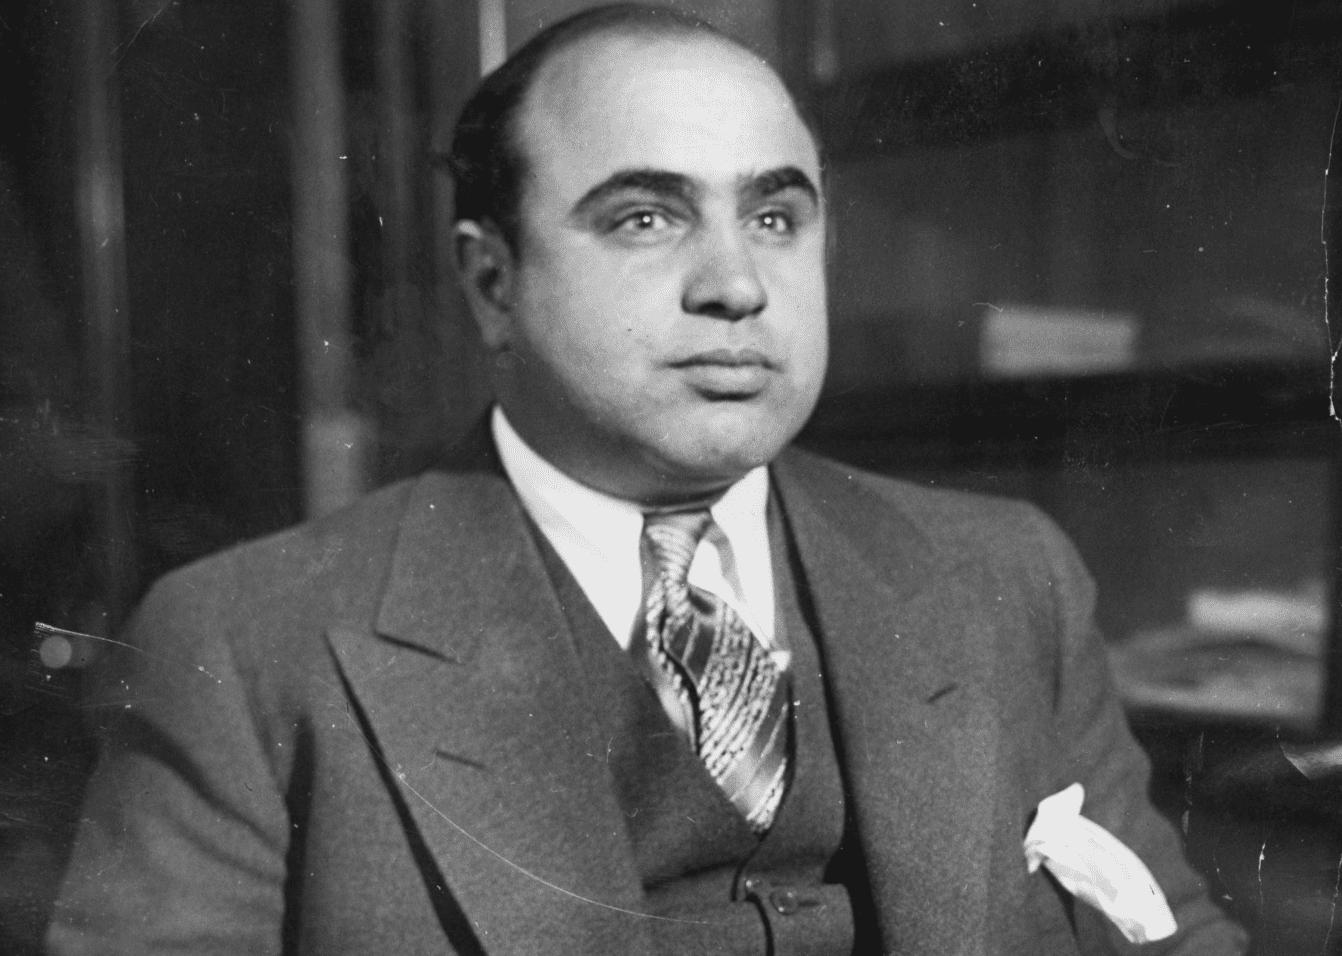 Al Capone Facts